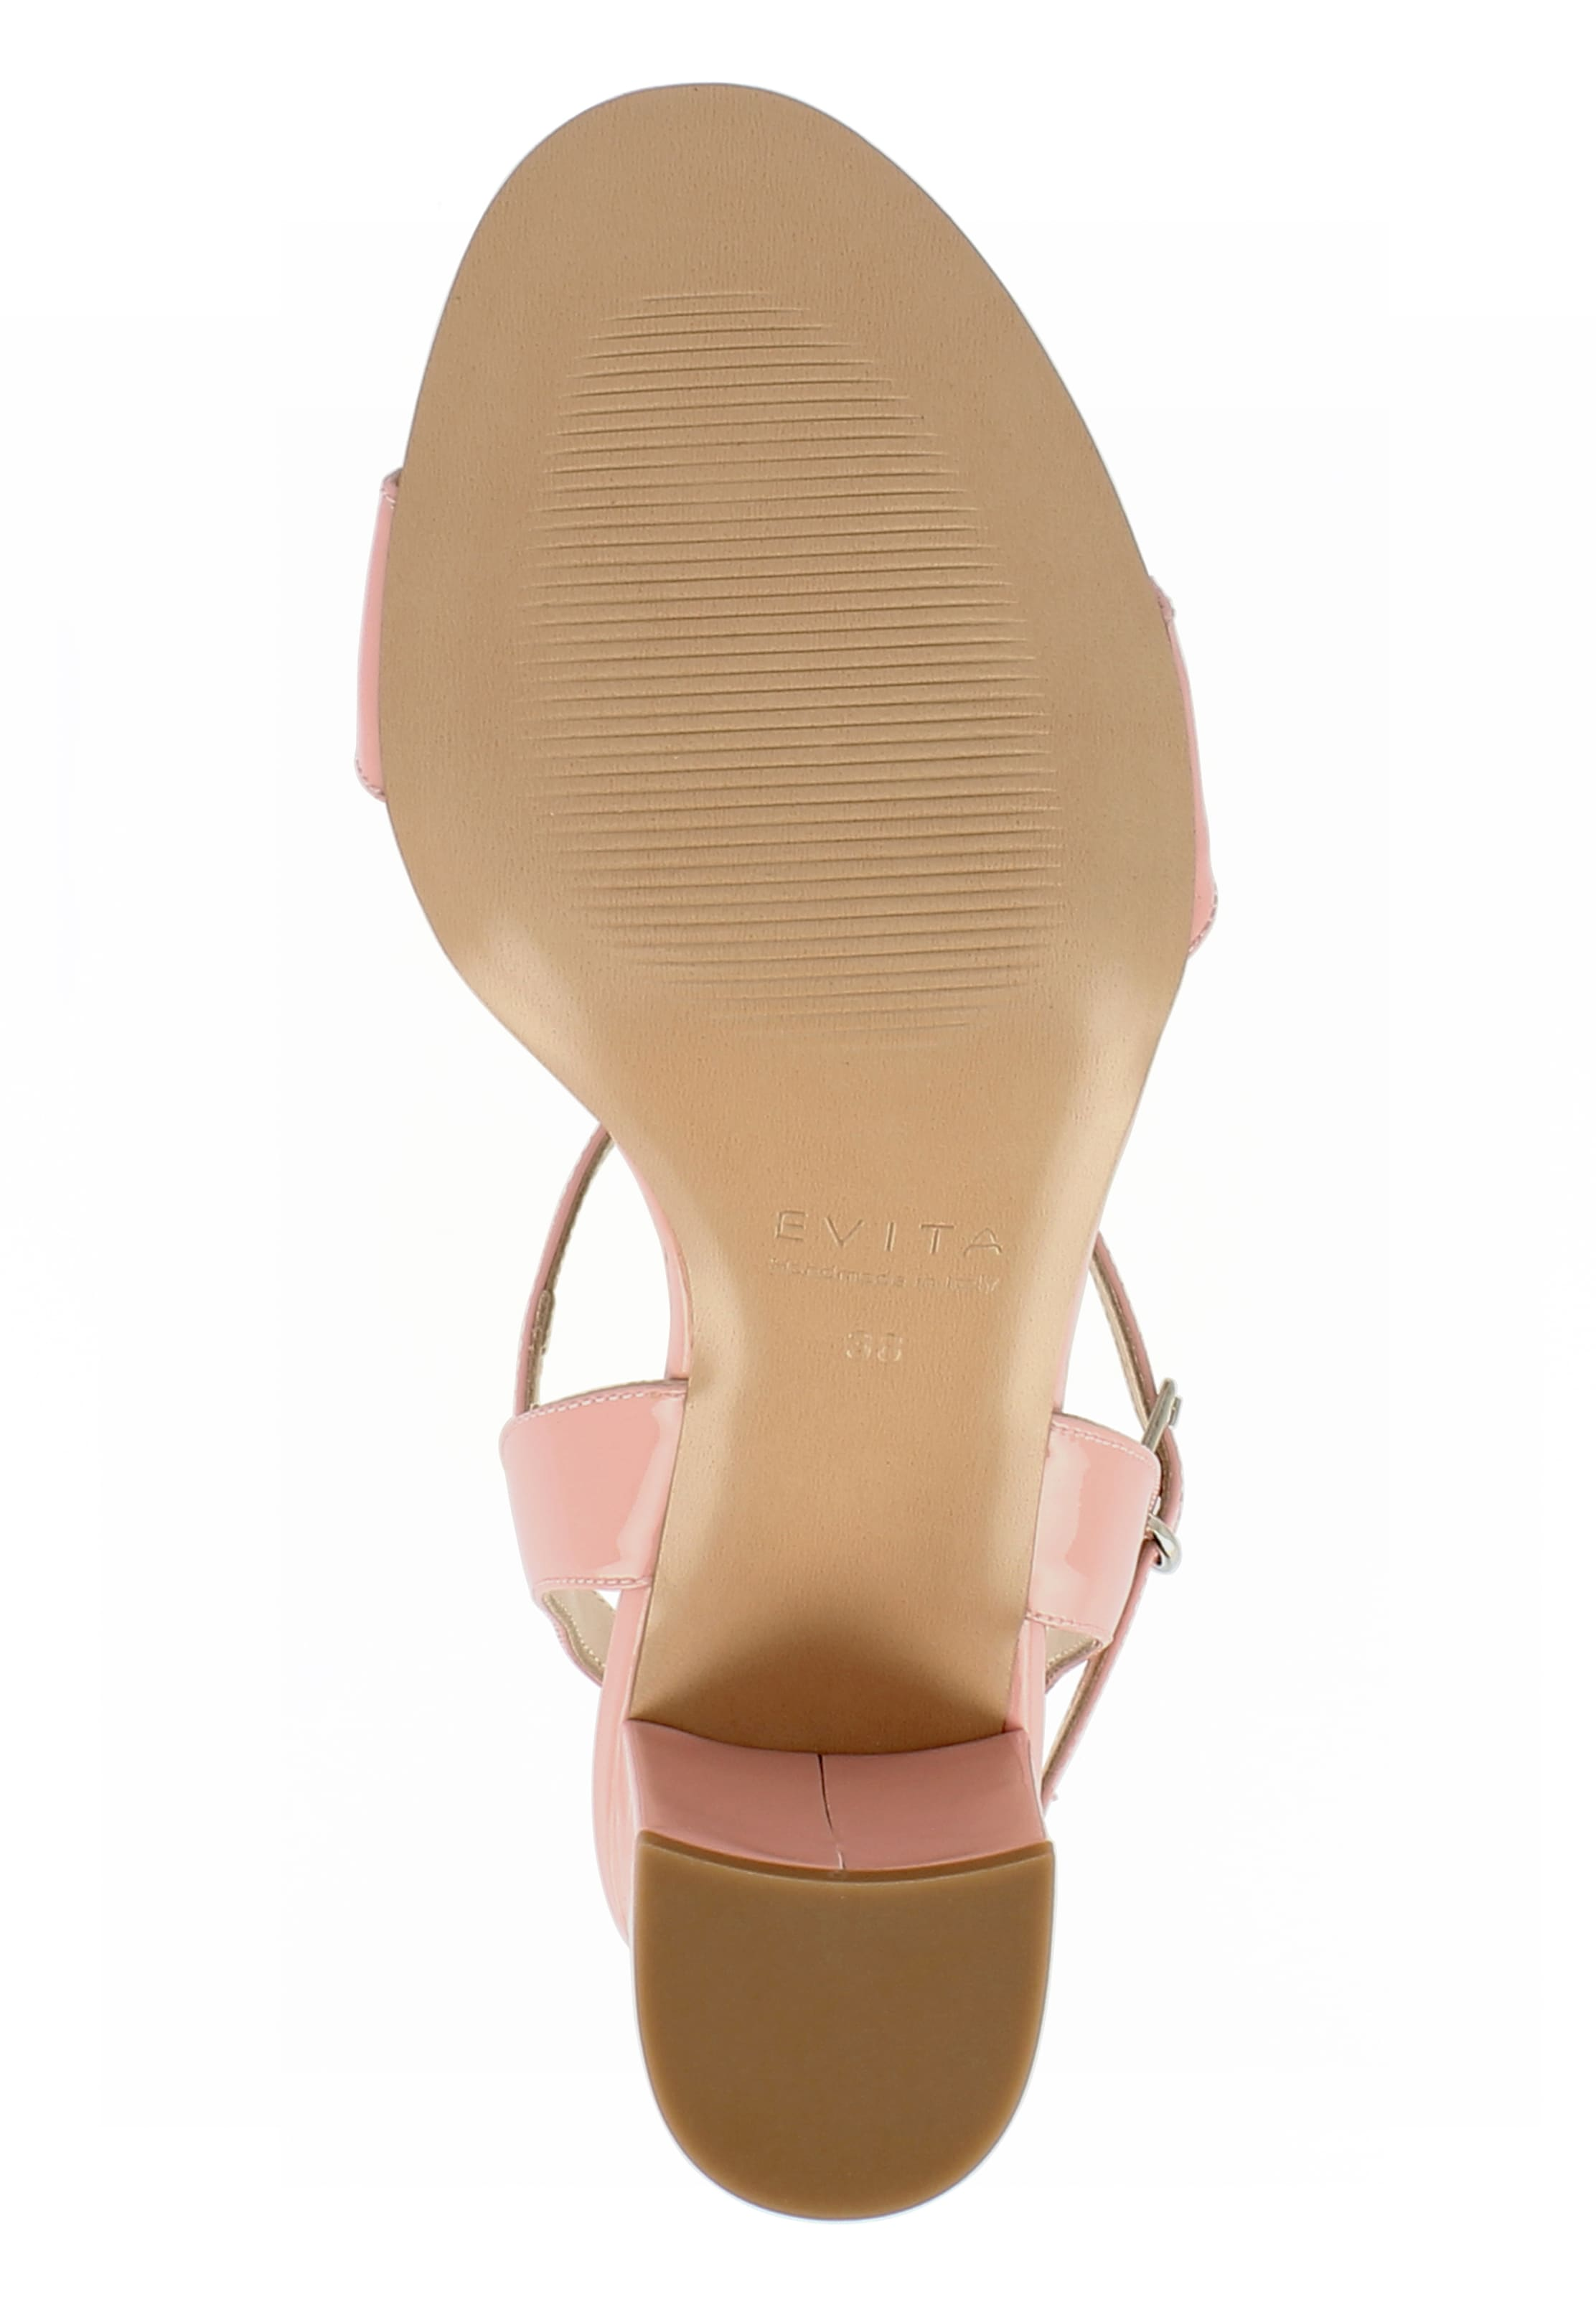 Sandalette 'ambra' Evita In Evita Sandalette Pink Sandalette In Pink 'ambra' Evita IH2YDEW9